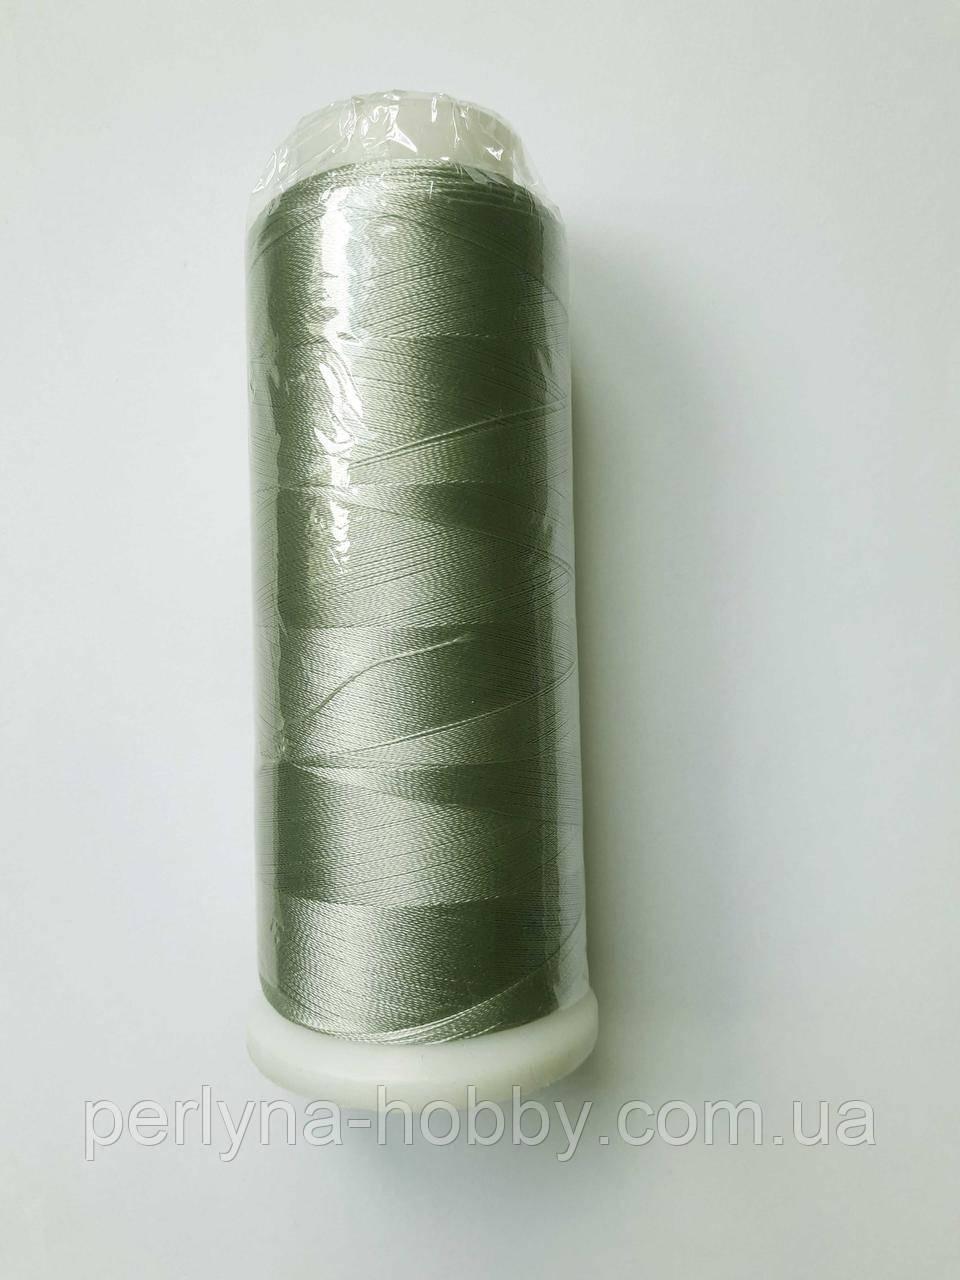 Нитки для машинної вишивки 100% віскоза (100% rayon) 3000 метрів, №488, пастельна сіро-зелена